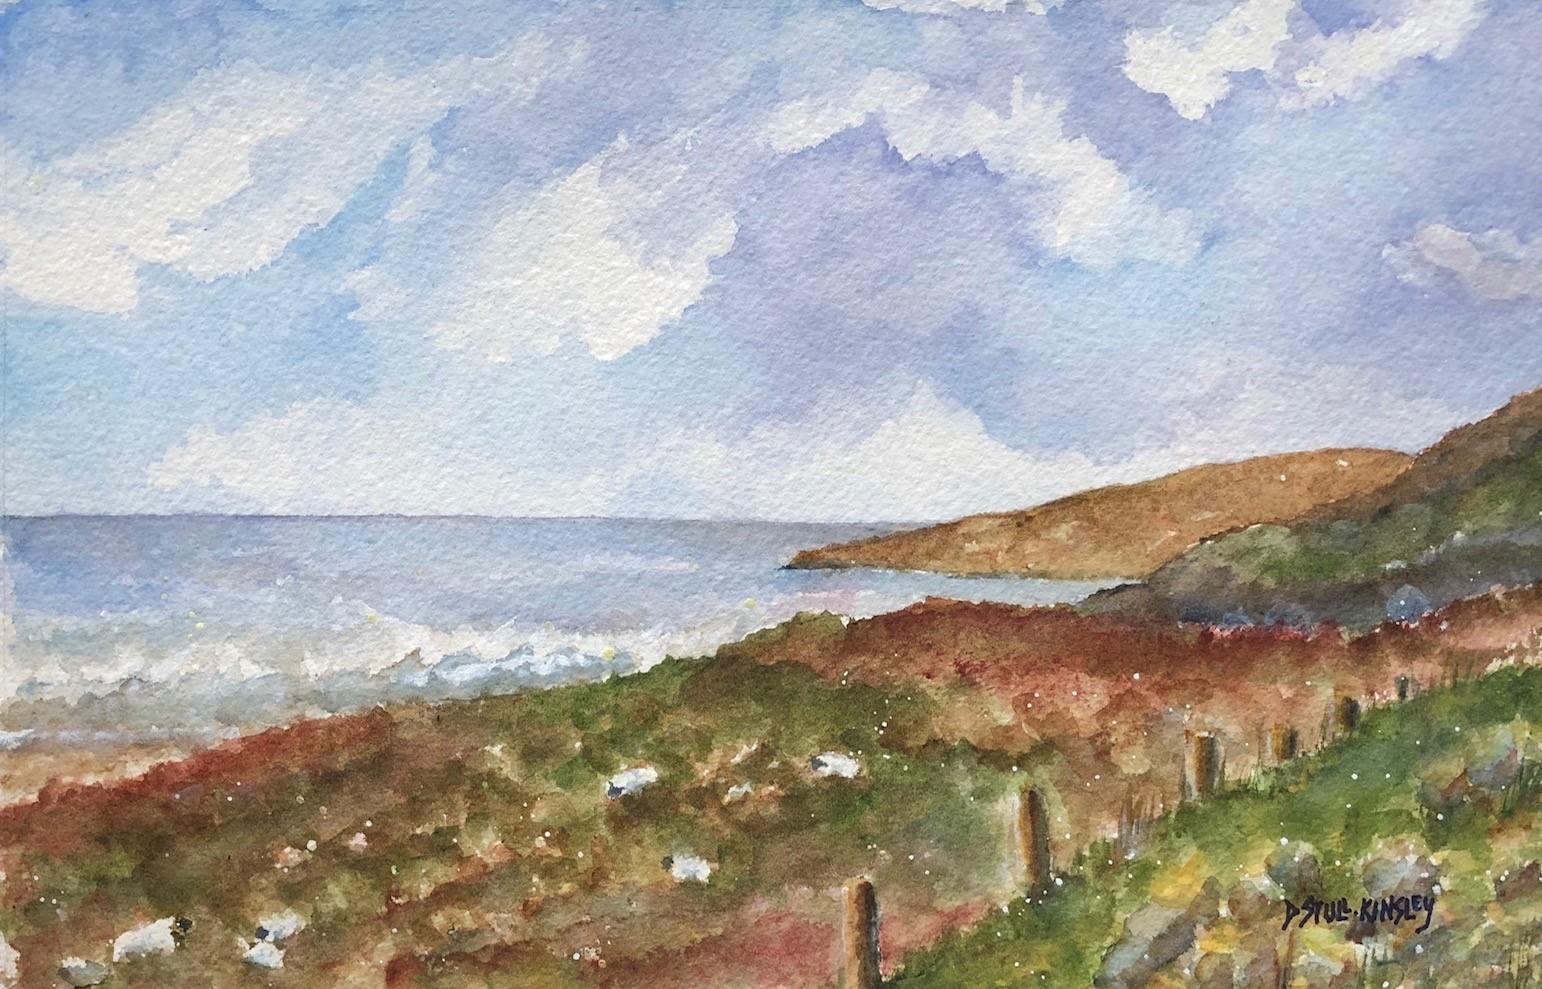 Carrick Coastline